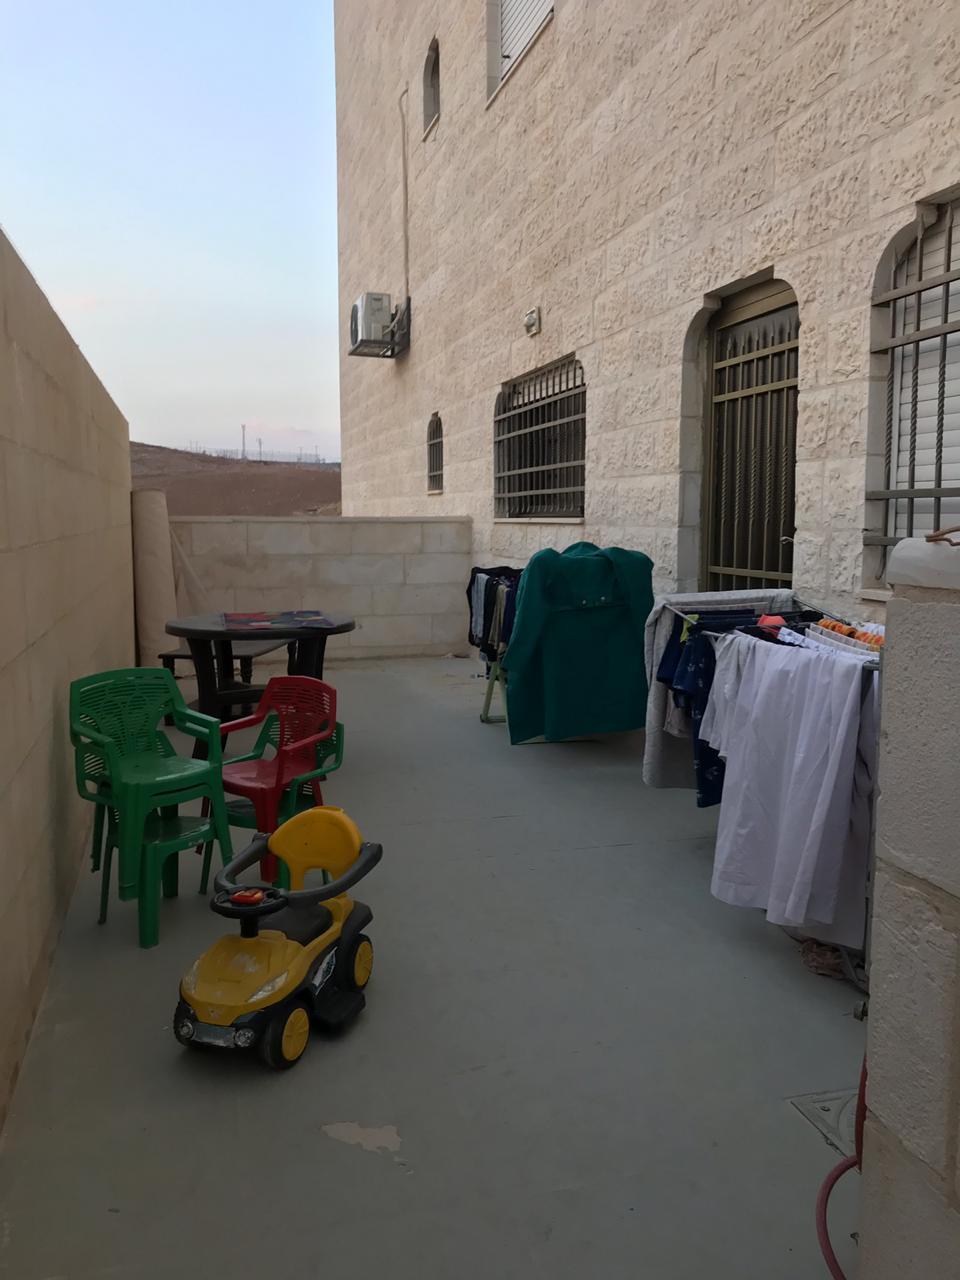 للبيع شقق فخمة باقساط تصل الى 8 سنوات واطلالات مباشرة على البحر-  عمان / طبربور/ ضاحية...